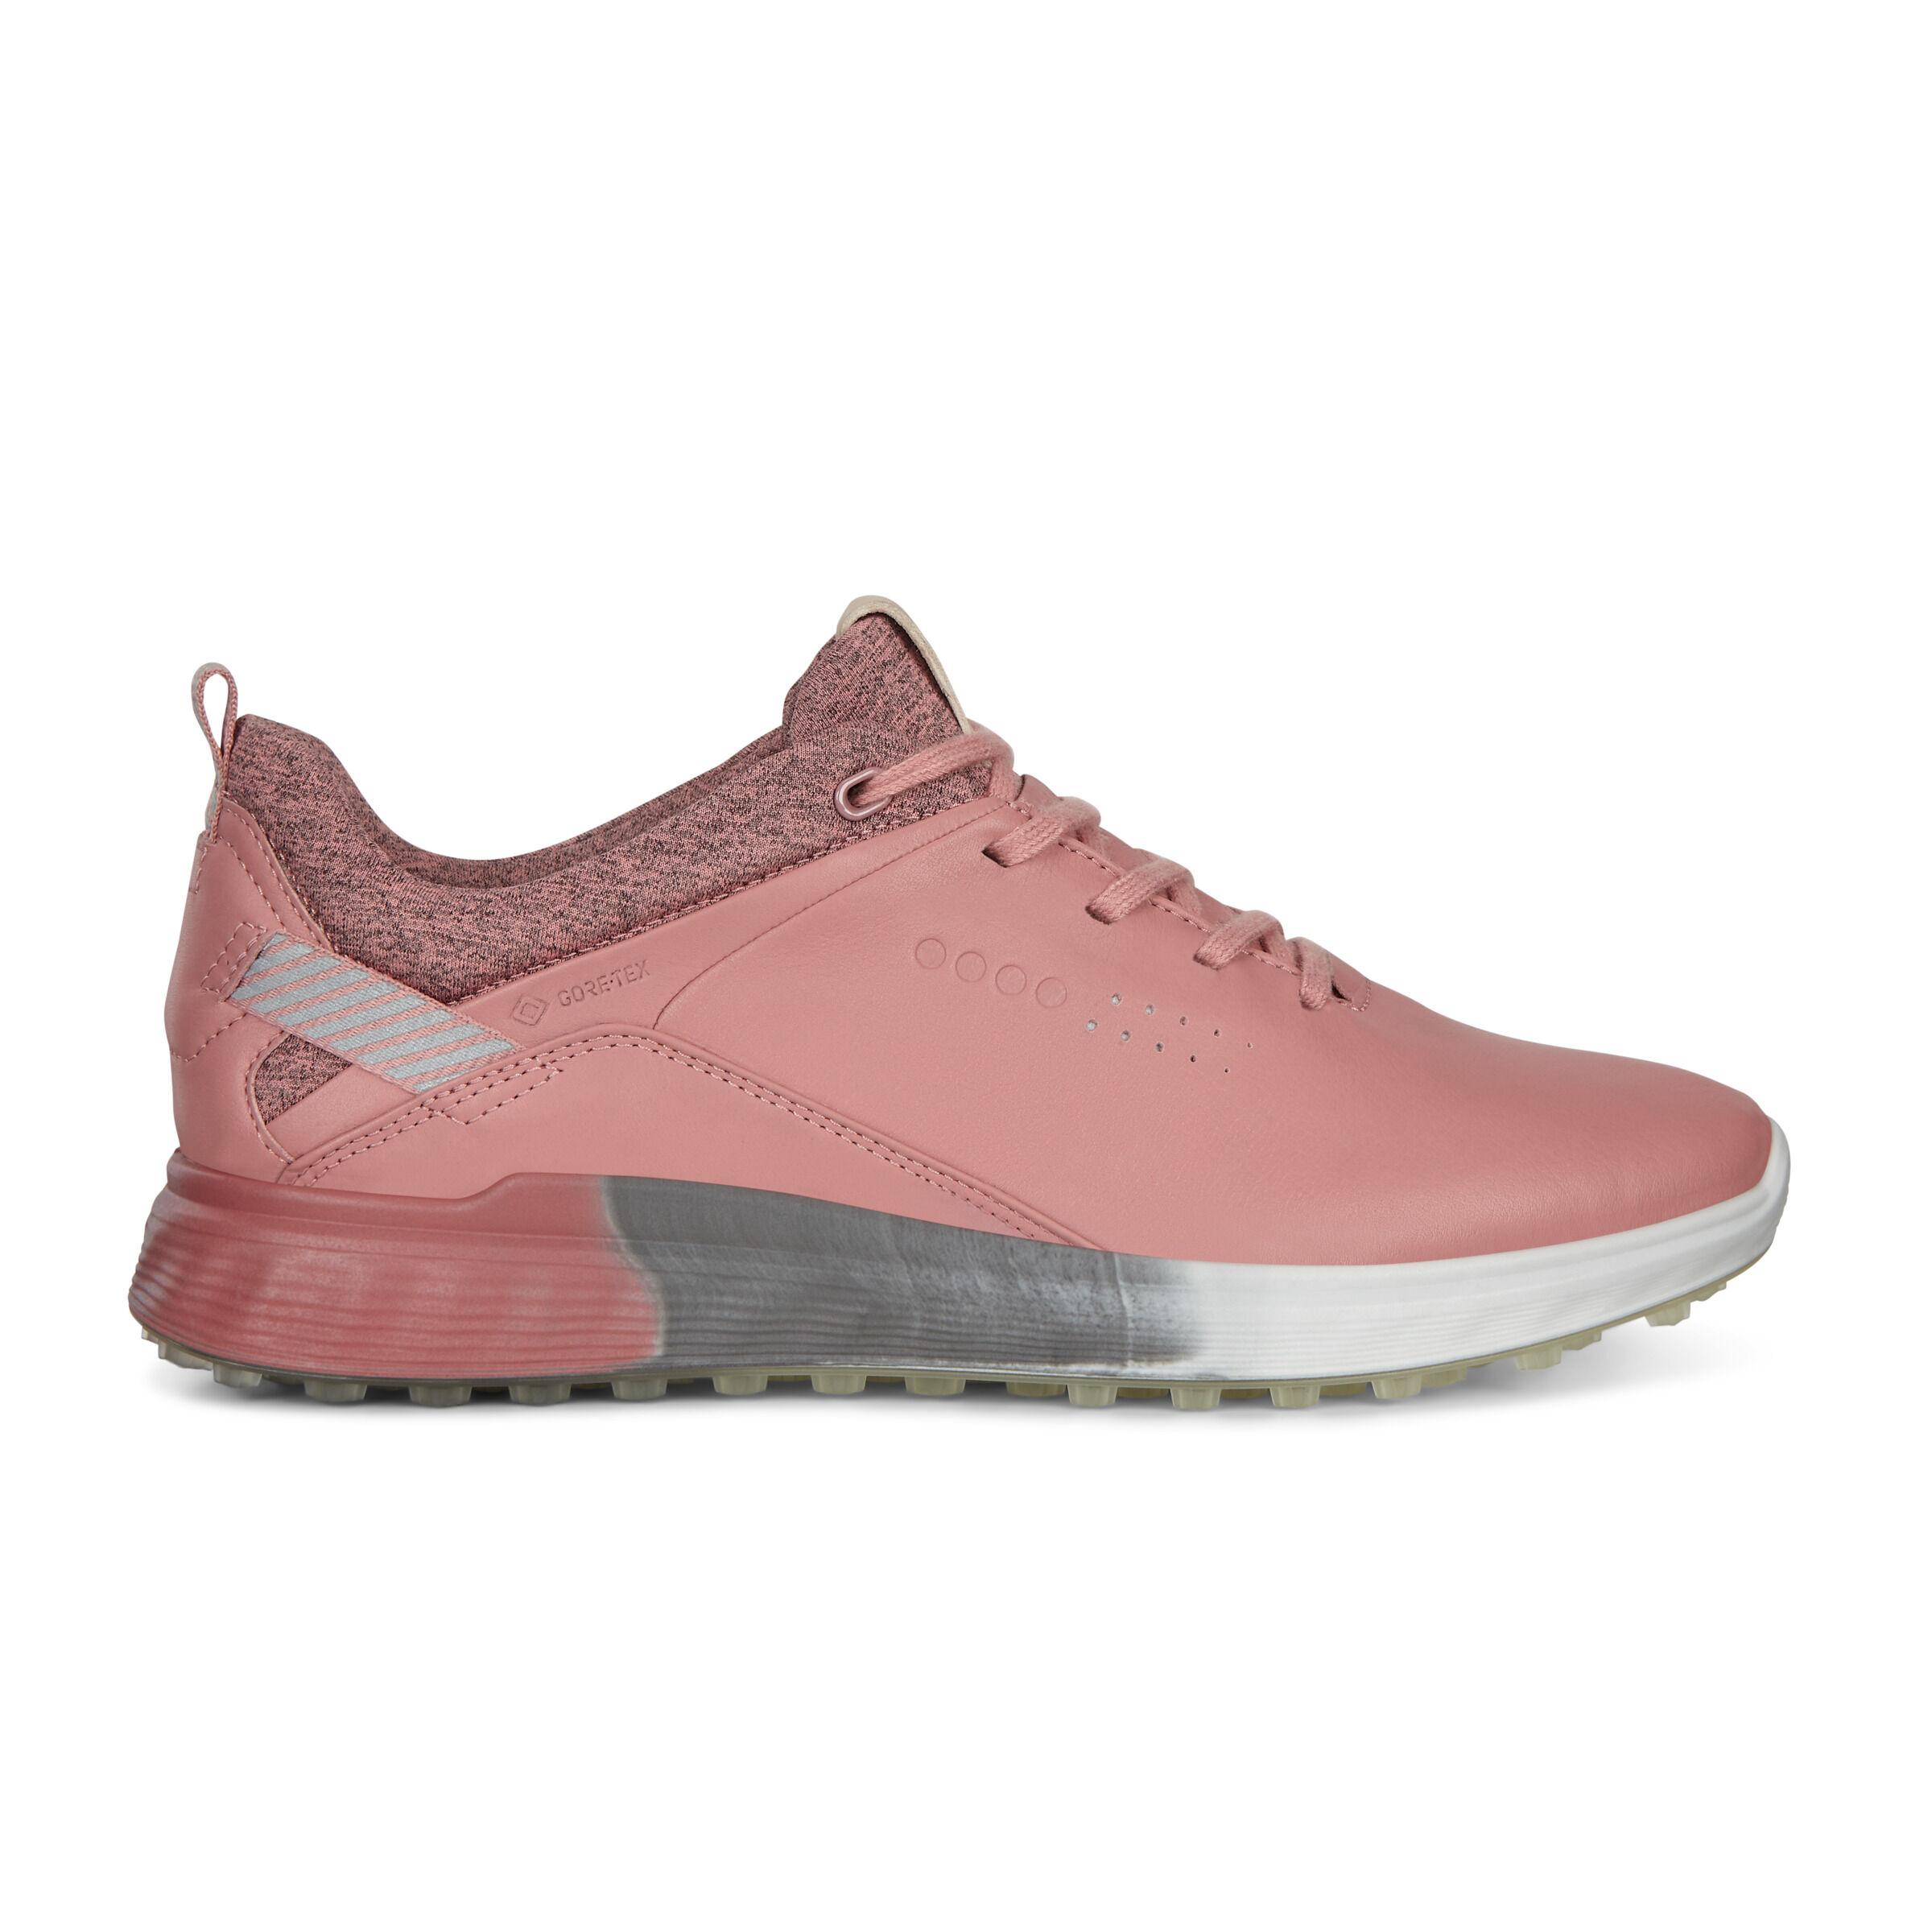 에코 우먼 골프화 ECCO Womens S-Three Spikeless Golf Shoes,DAMASK ROSE